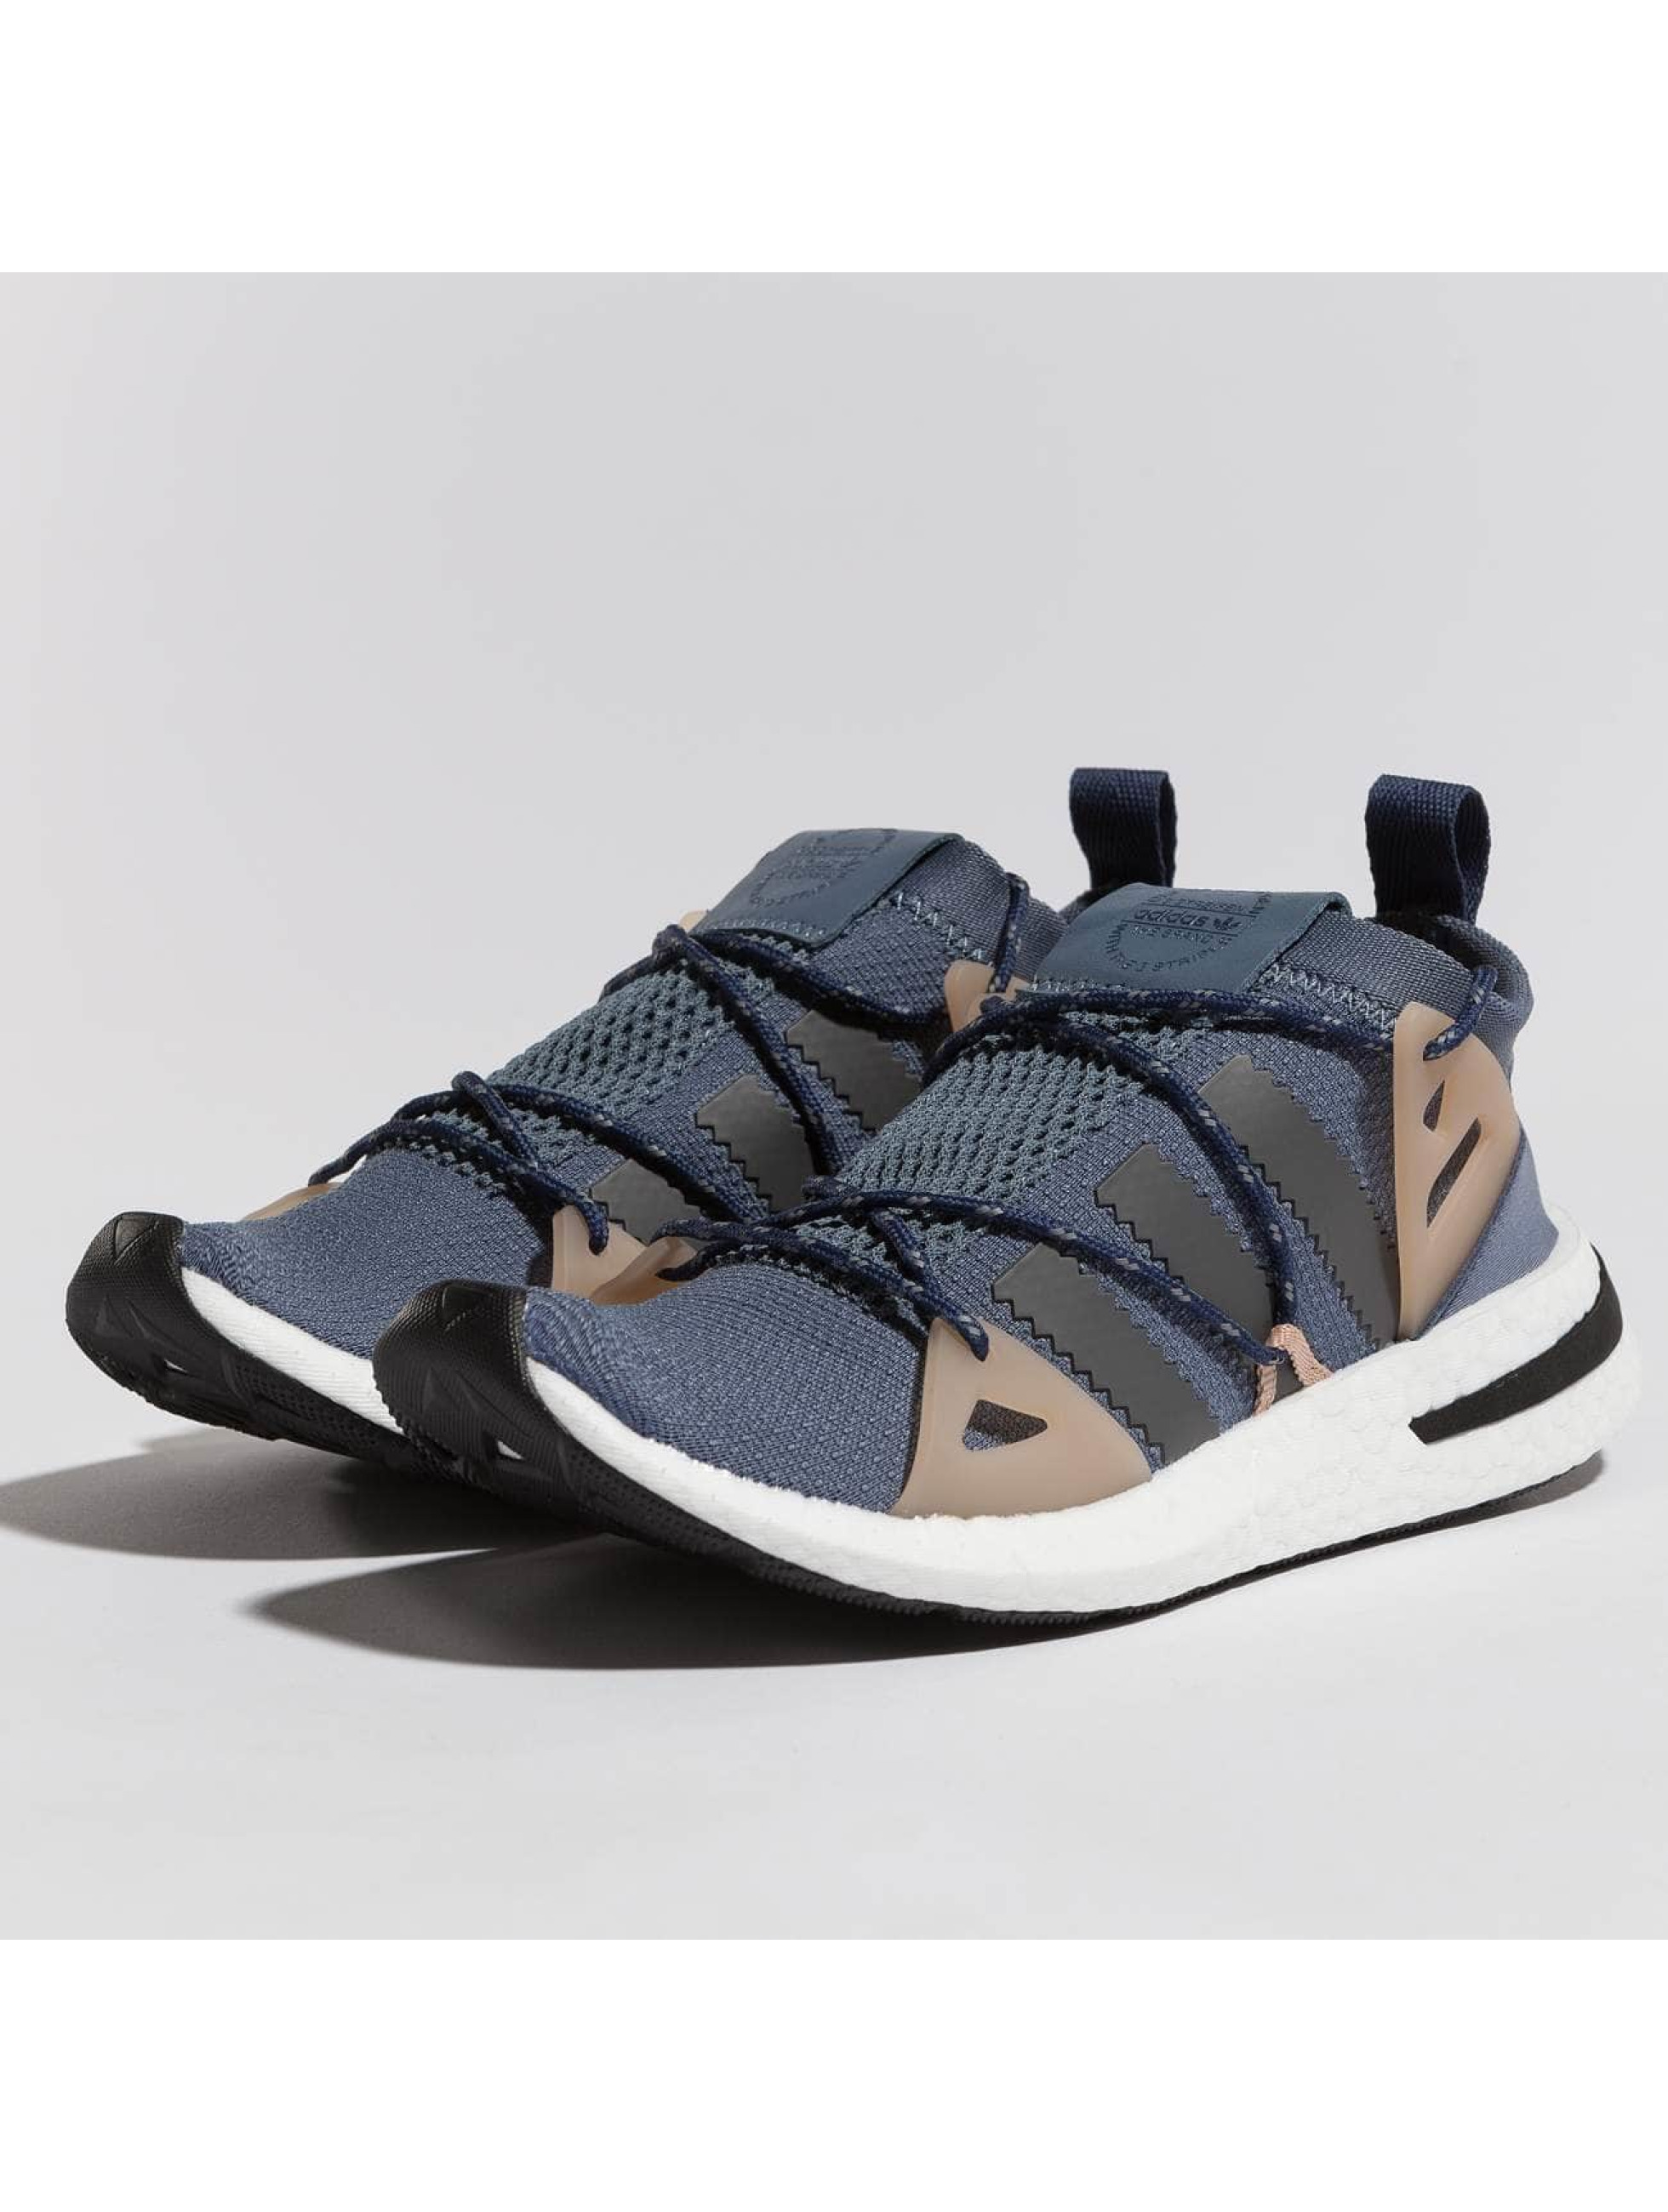 detailed look 6d617 7dbca ... adidas originals sko sneakers arkyn w i blå 397422